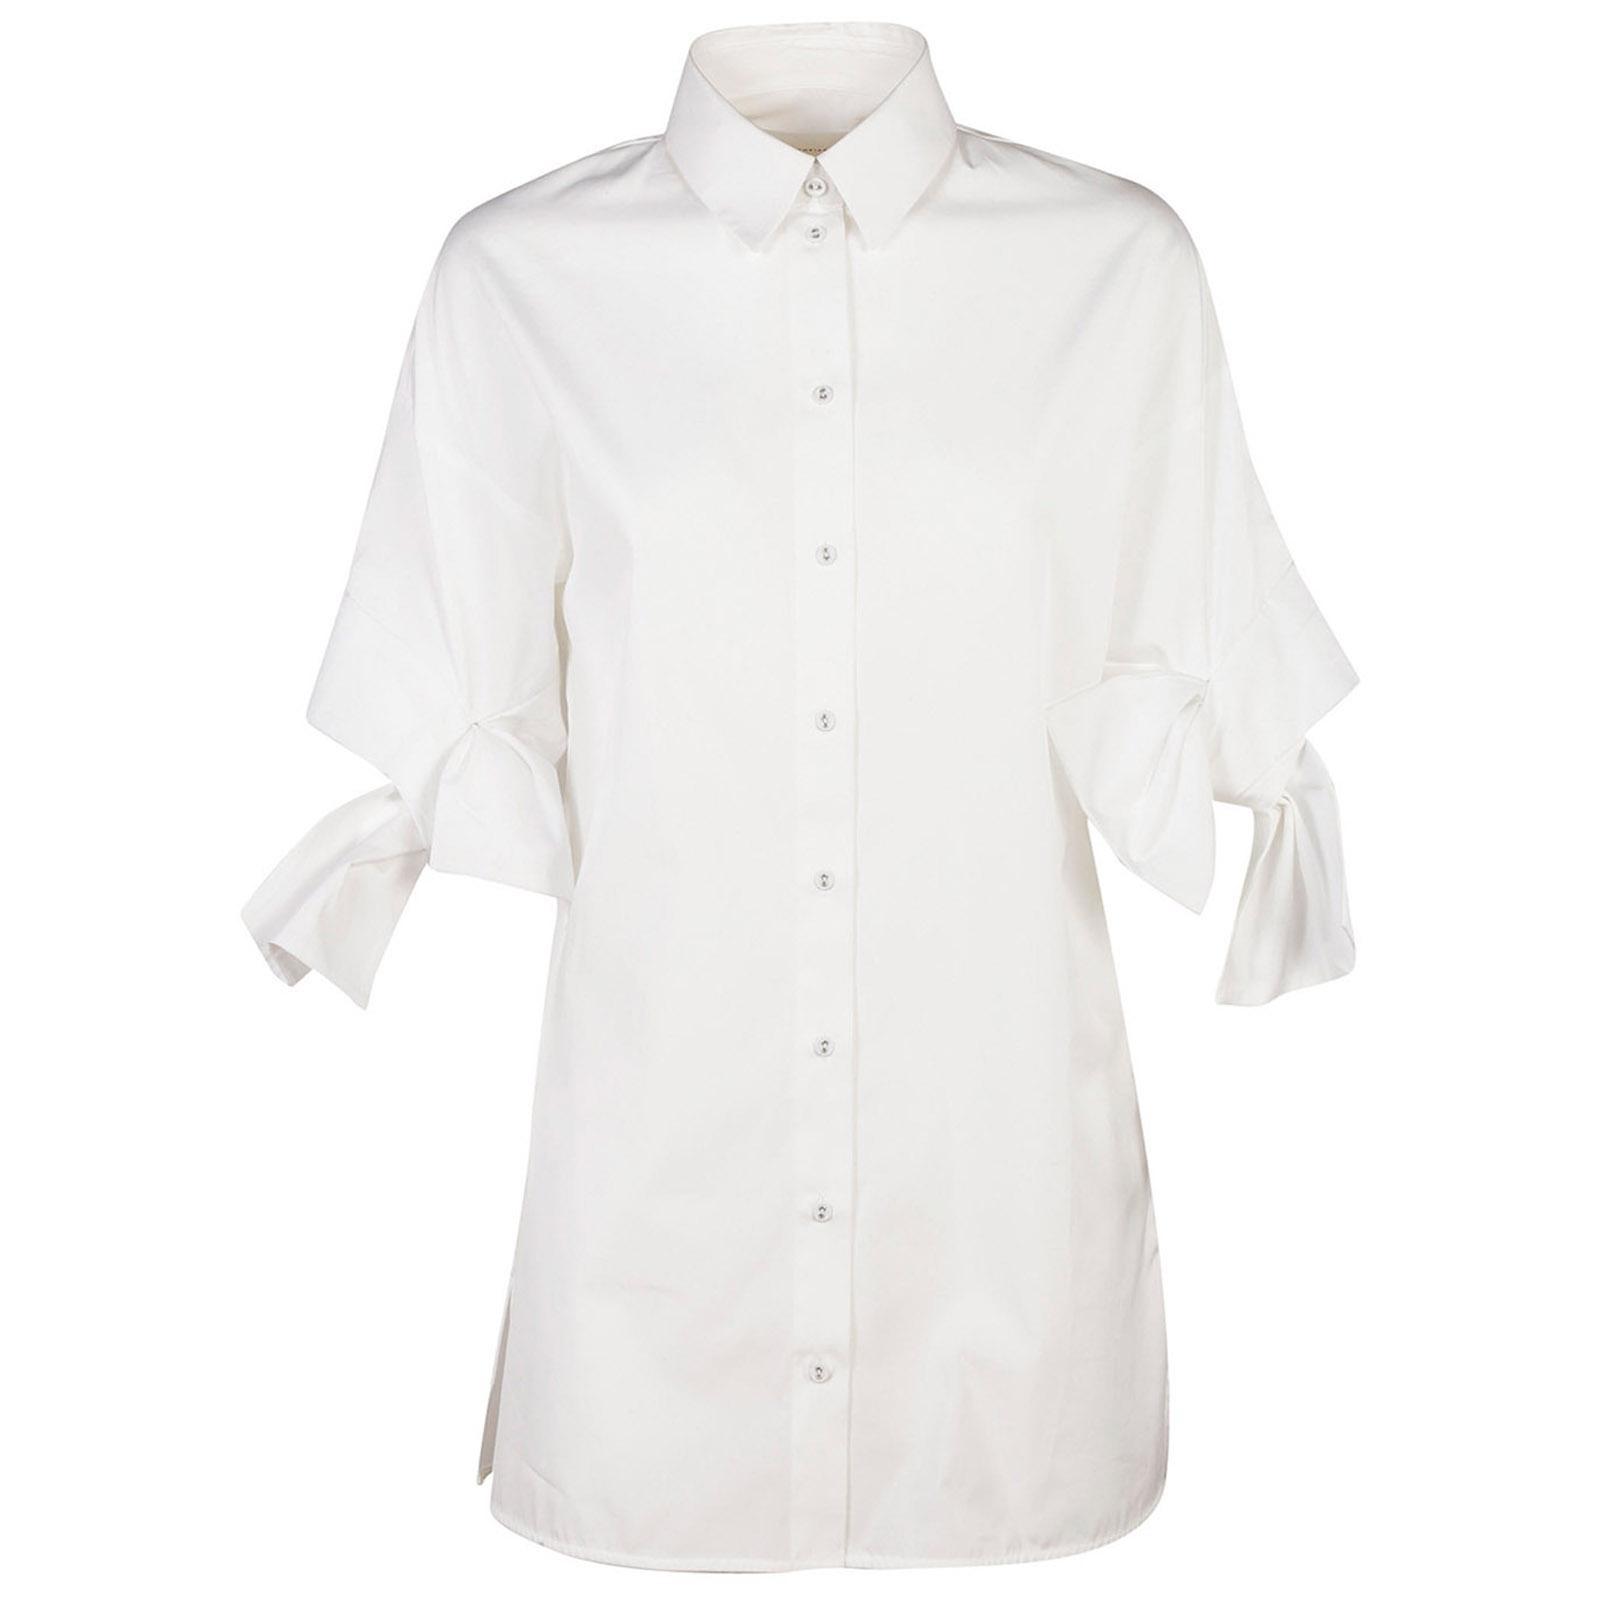 Camicia donna maniche corte